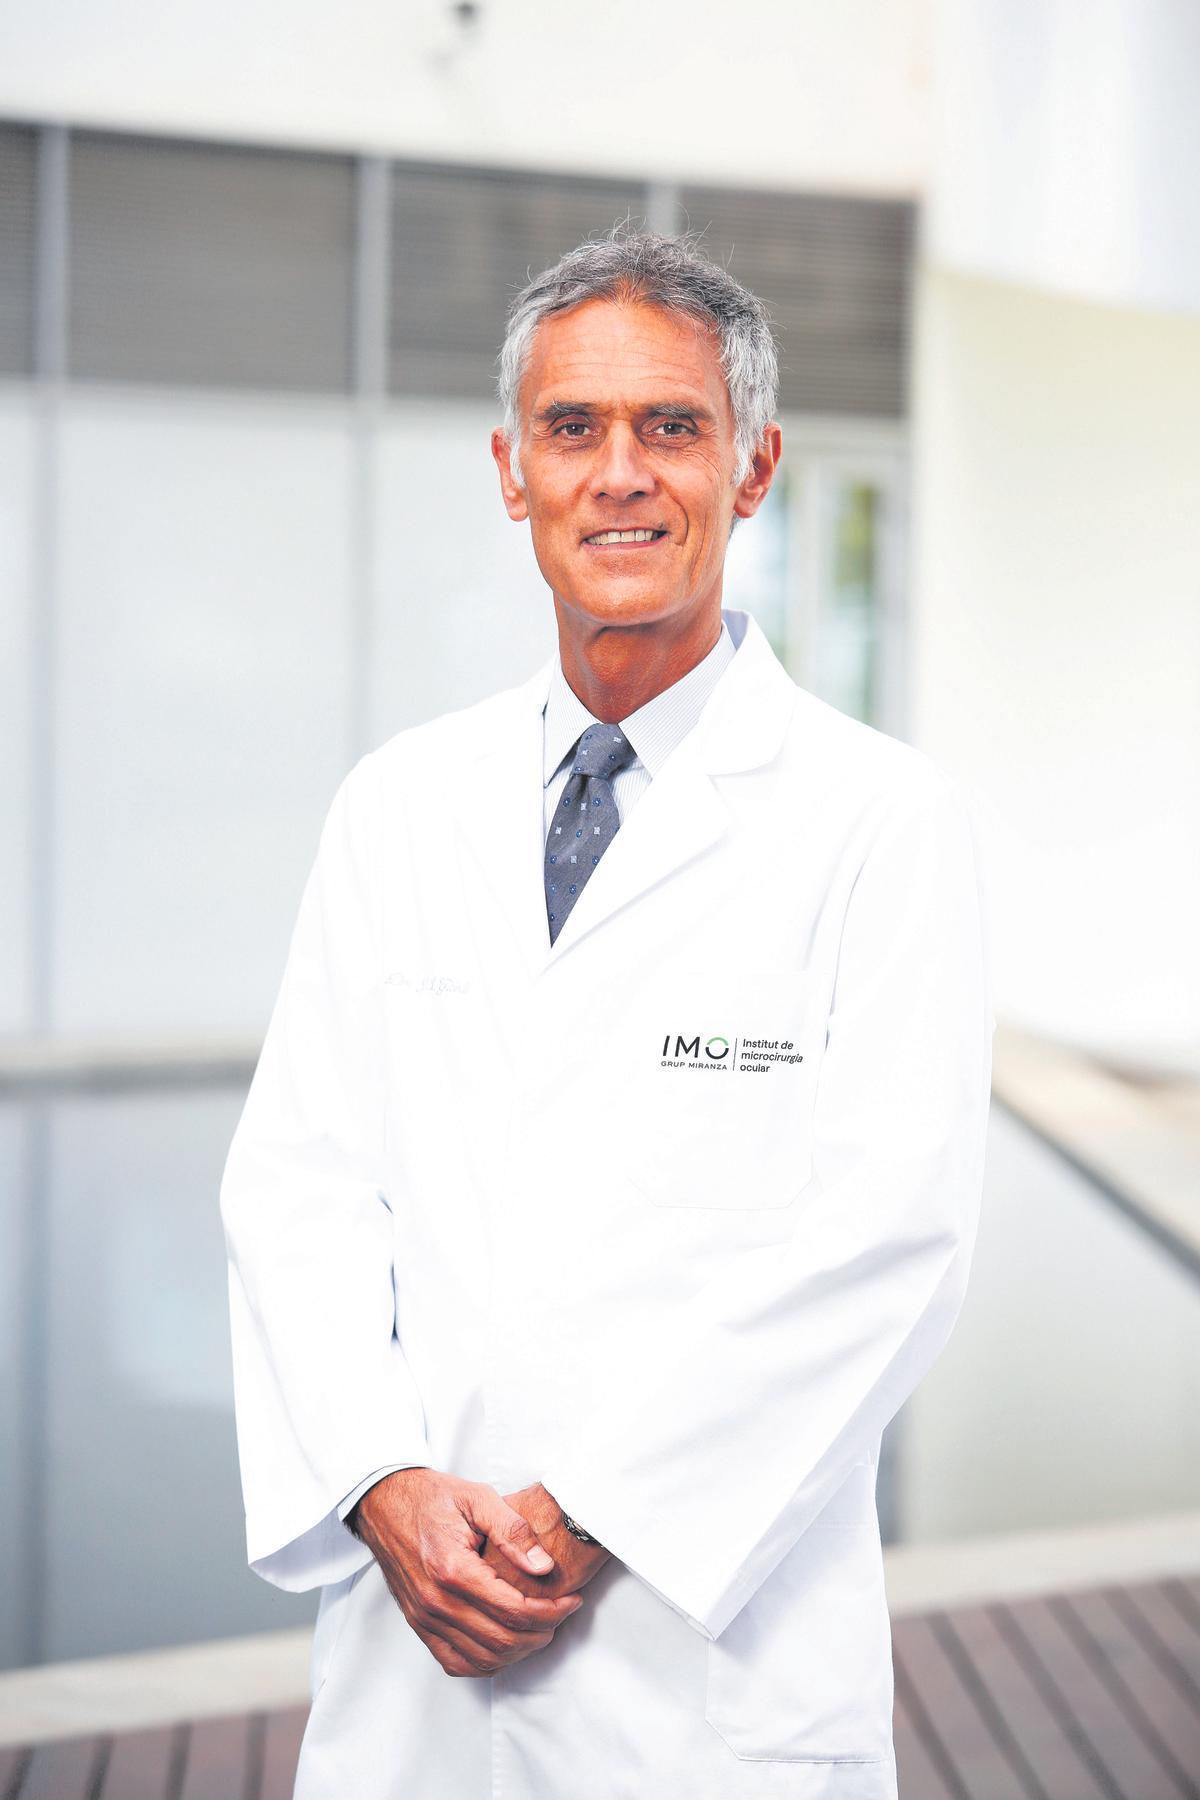 Dr. José L. Güell, oftalmólogo de IMO Grupo Miranza y experto en córnea y cirugía refractiva.